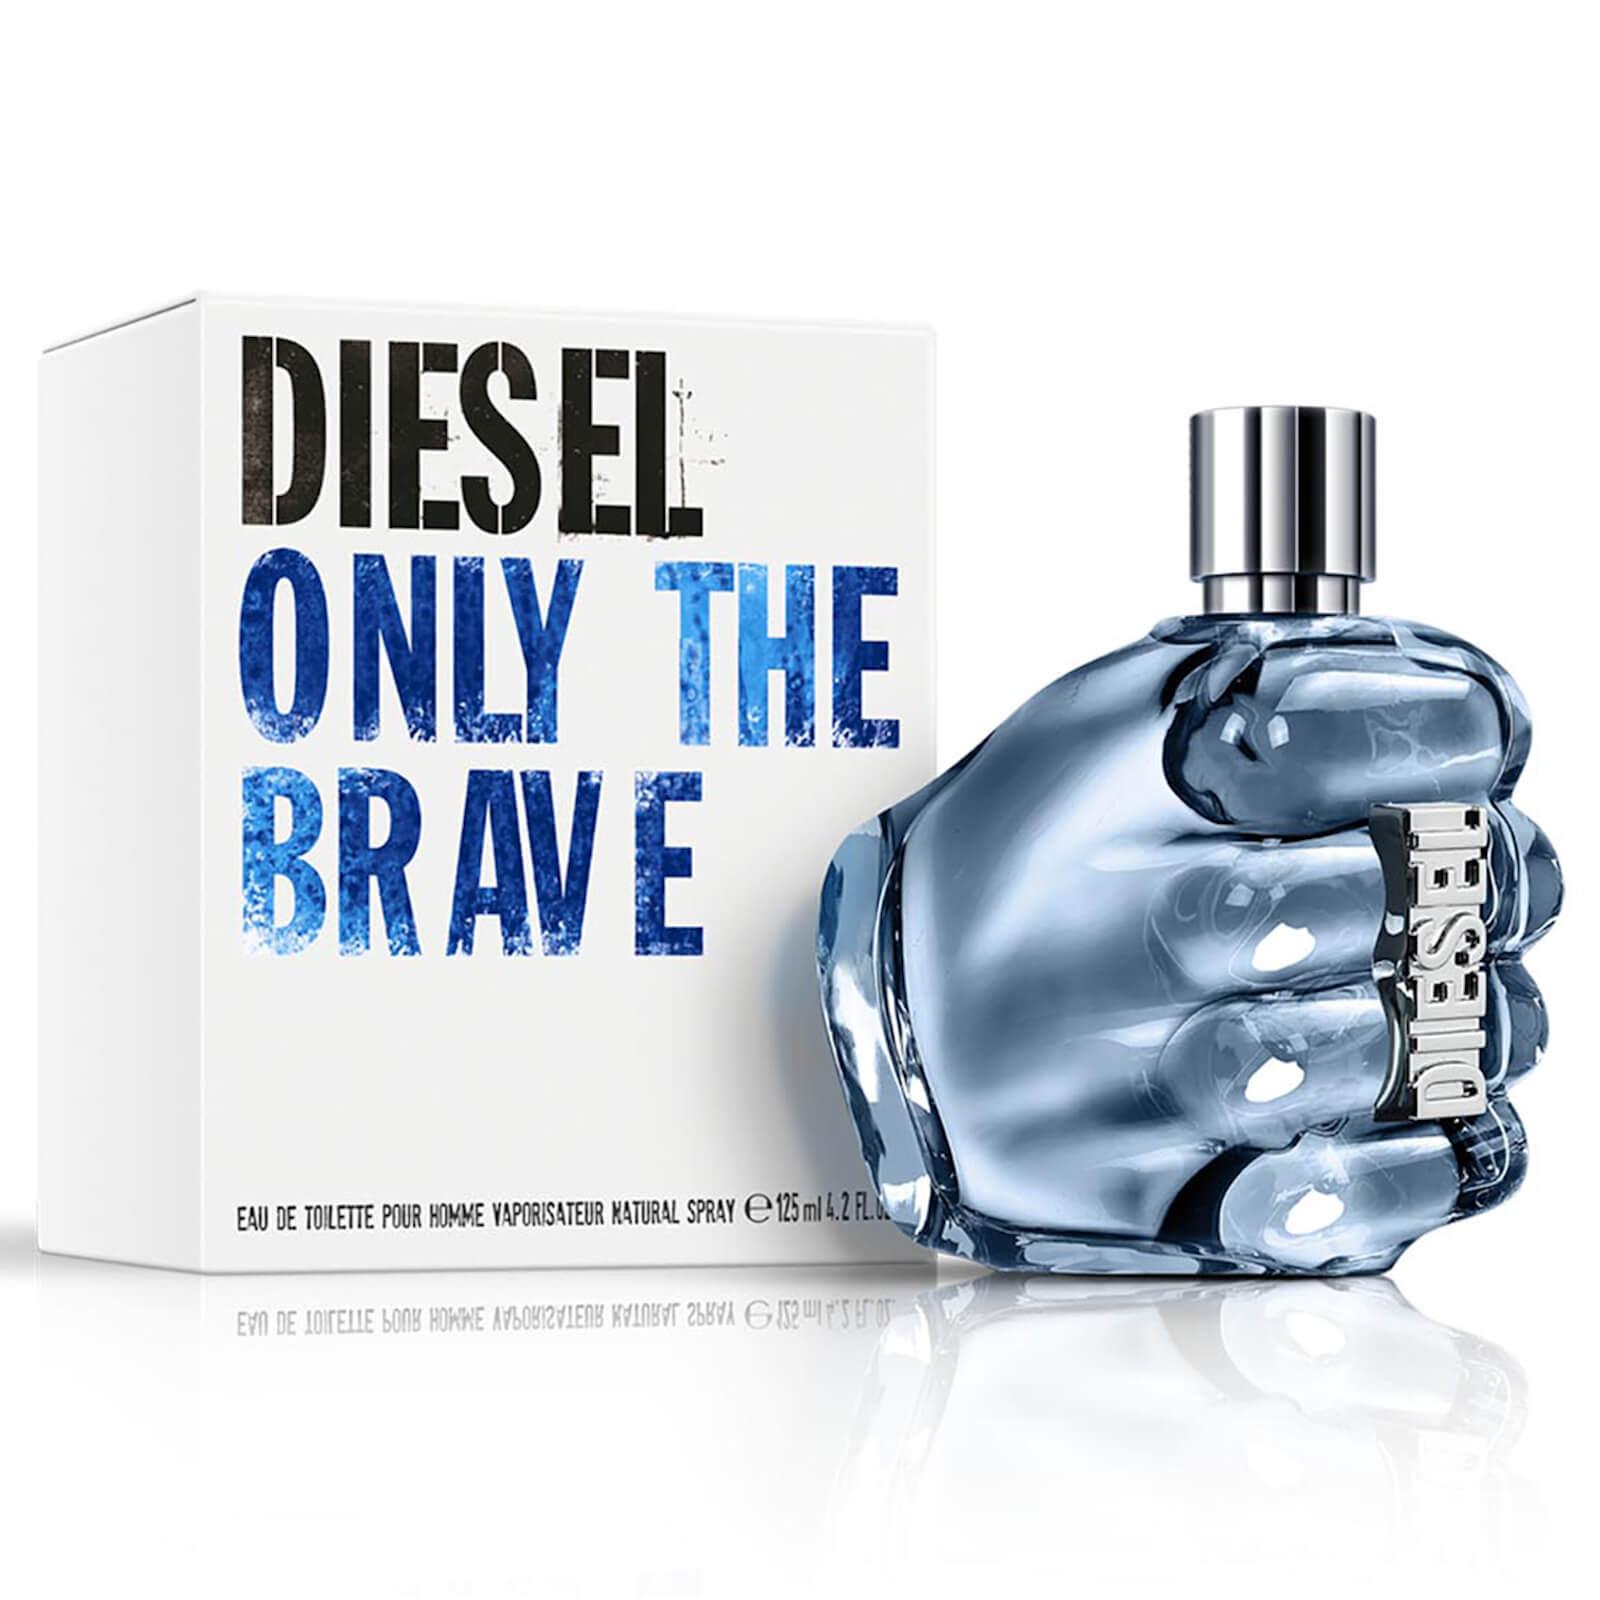 Diesel Only The Brave Eau de Toilette - 125ml